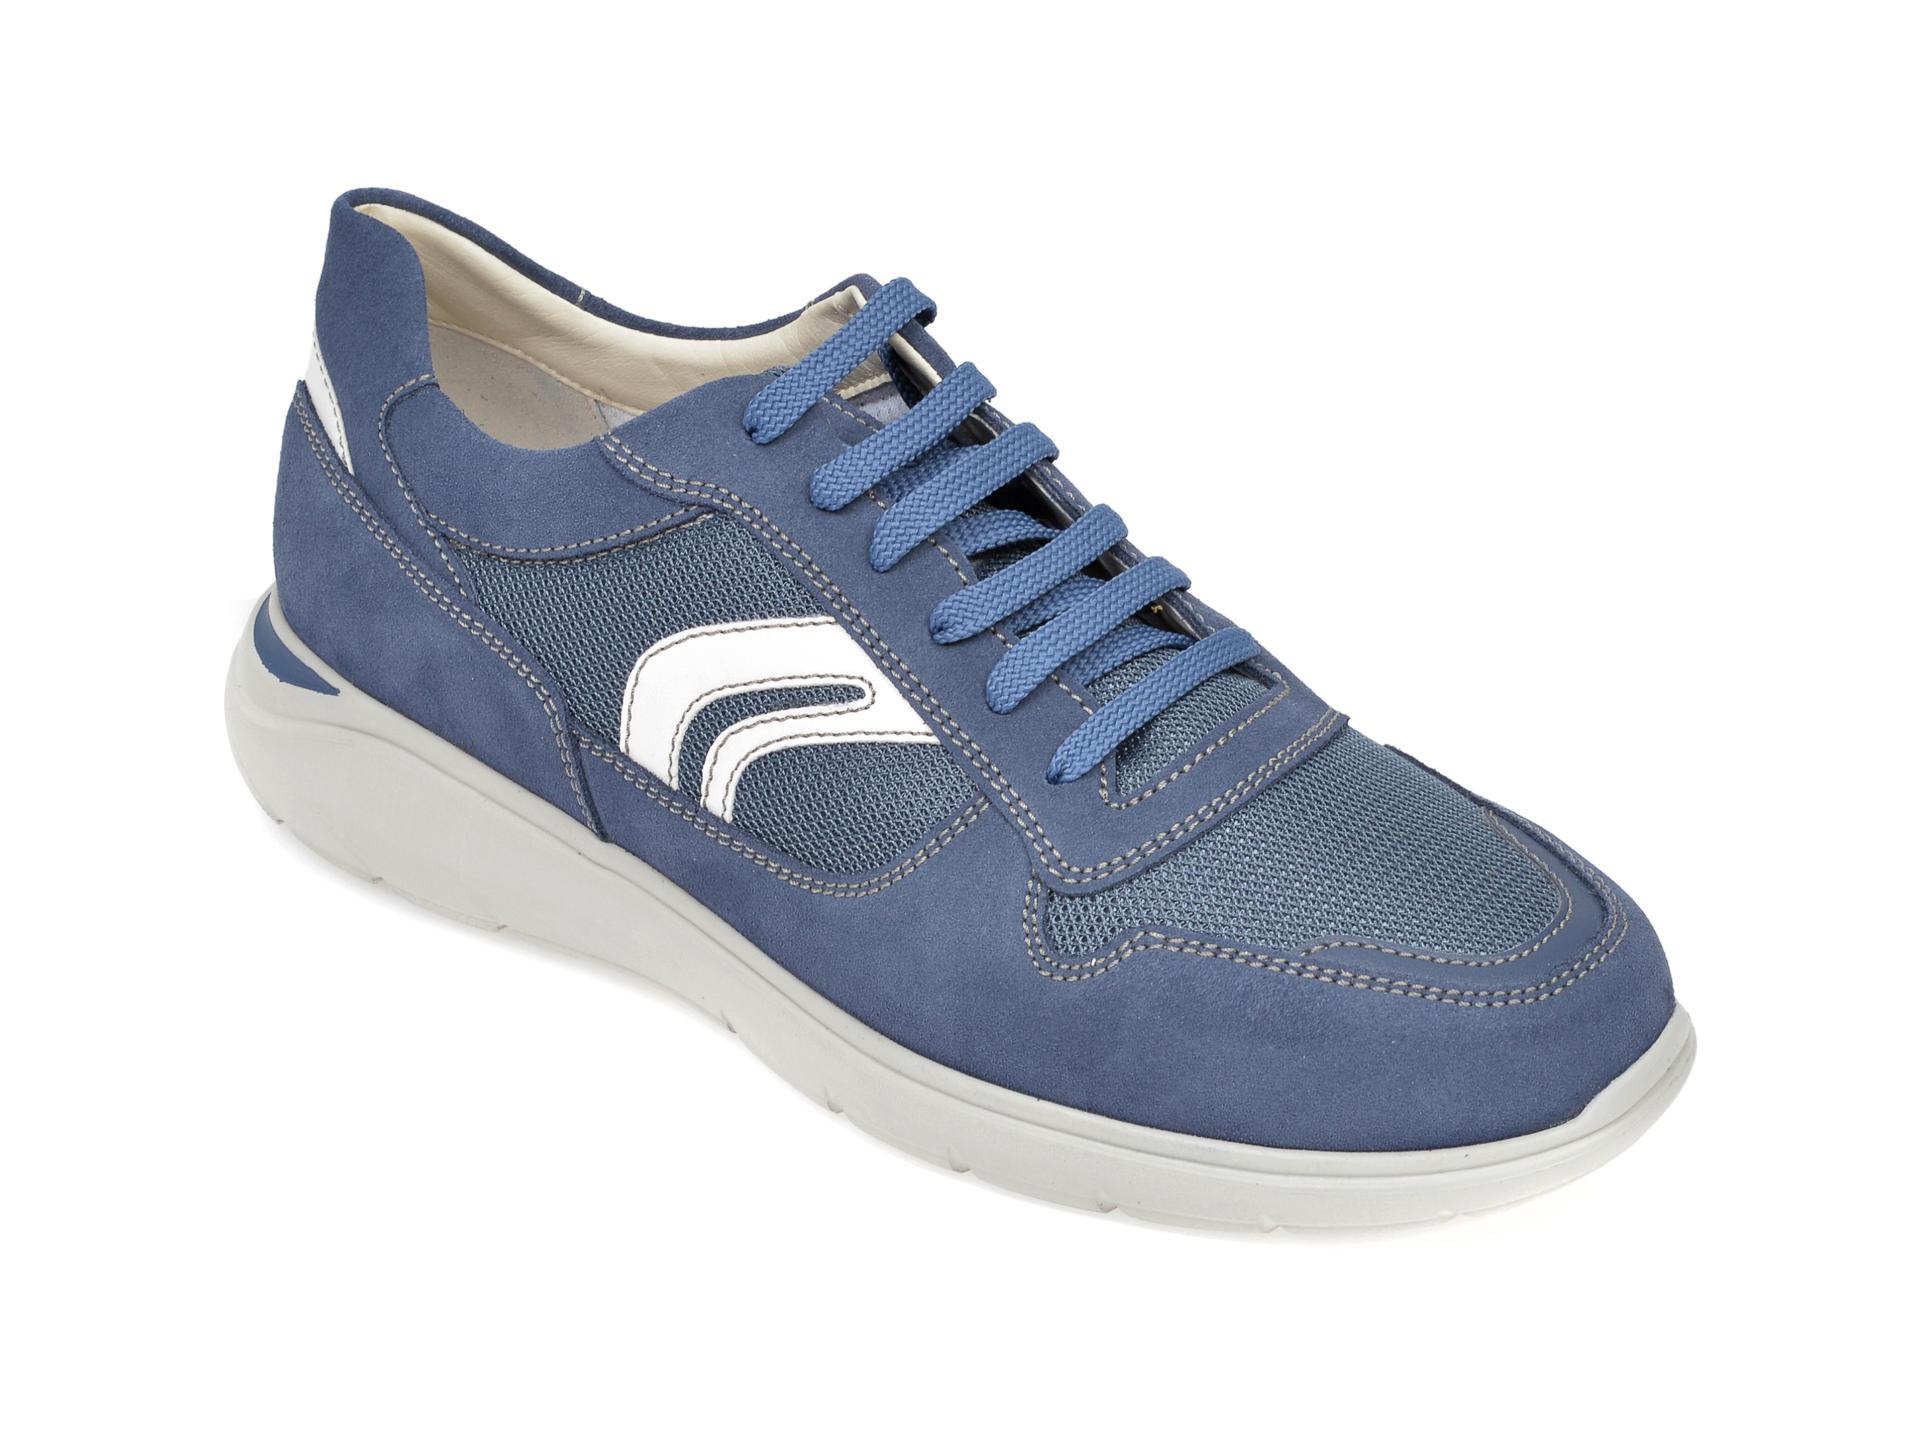 Pantofi sport GEOX albastri, U029DC, din material textil si piele intoarsa